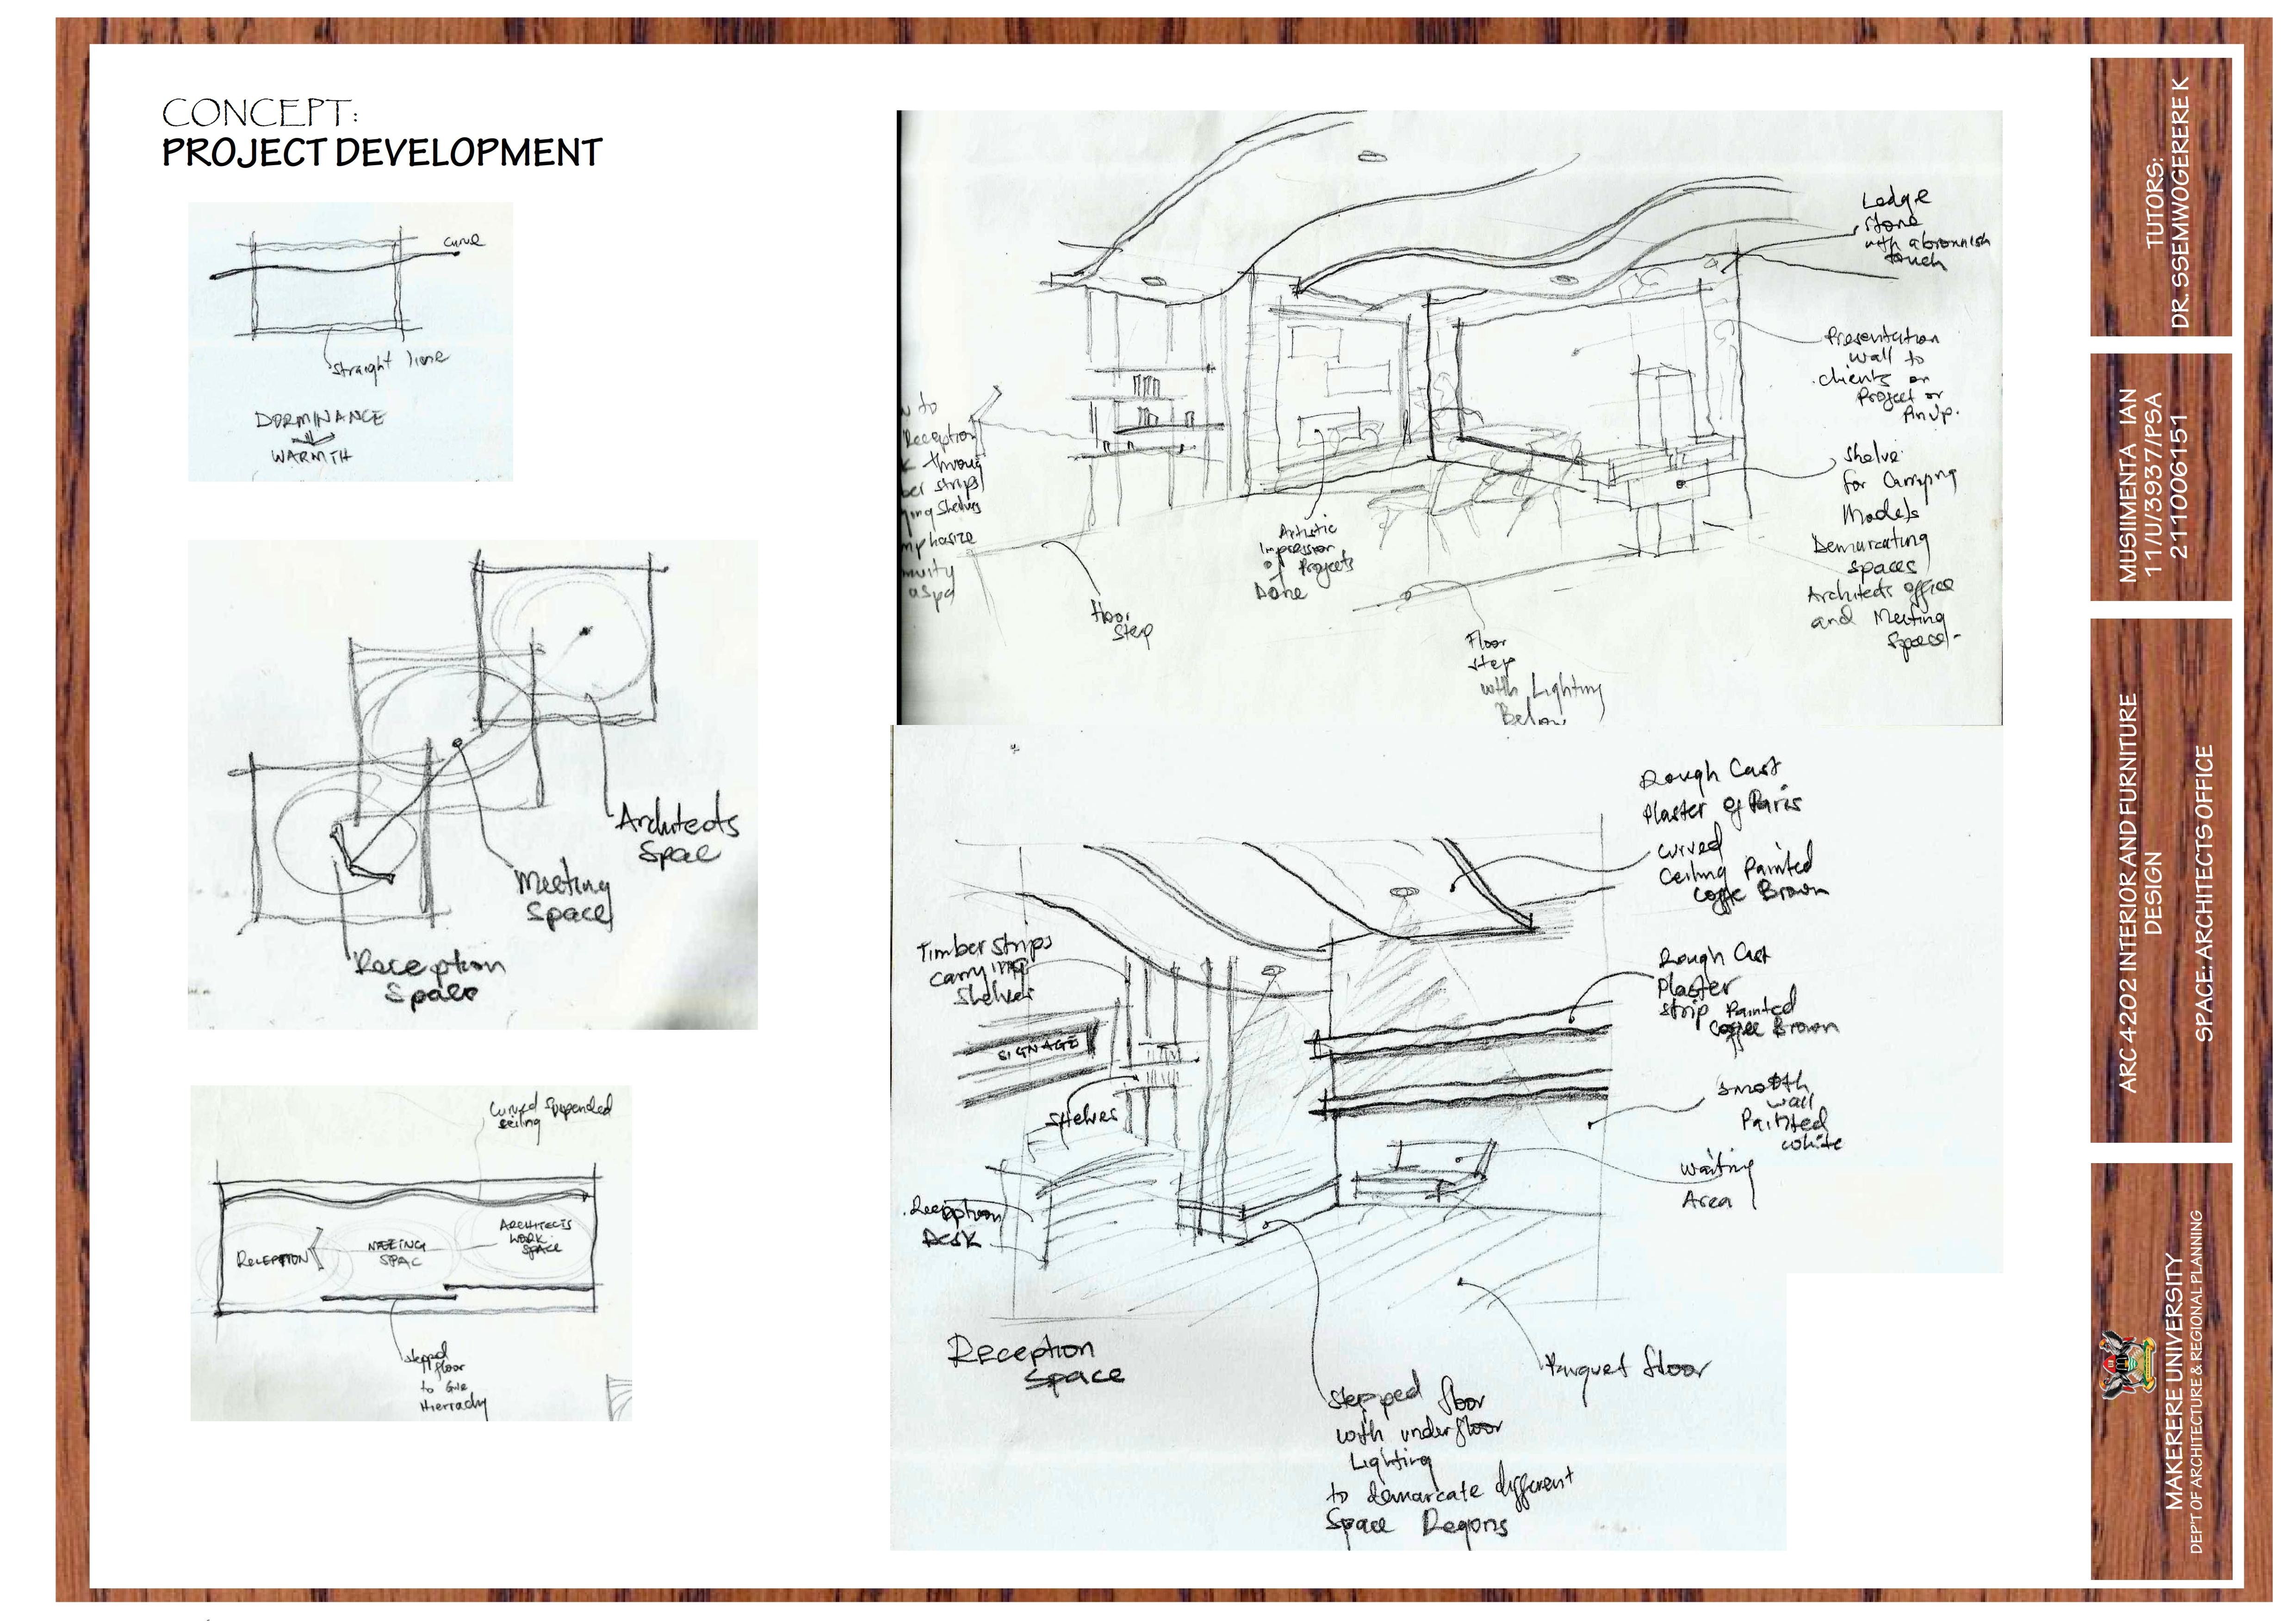 architectural design concept development pdf